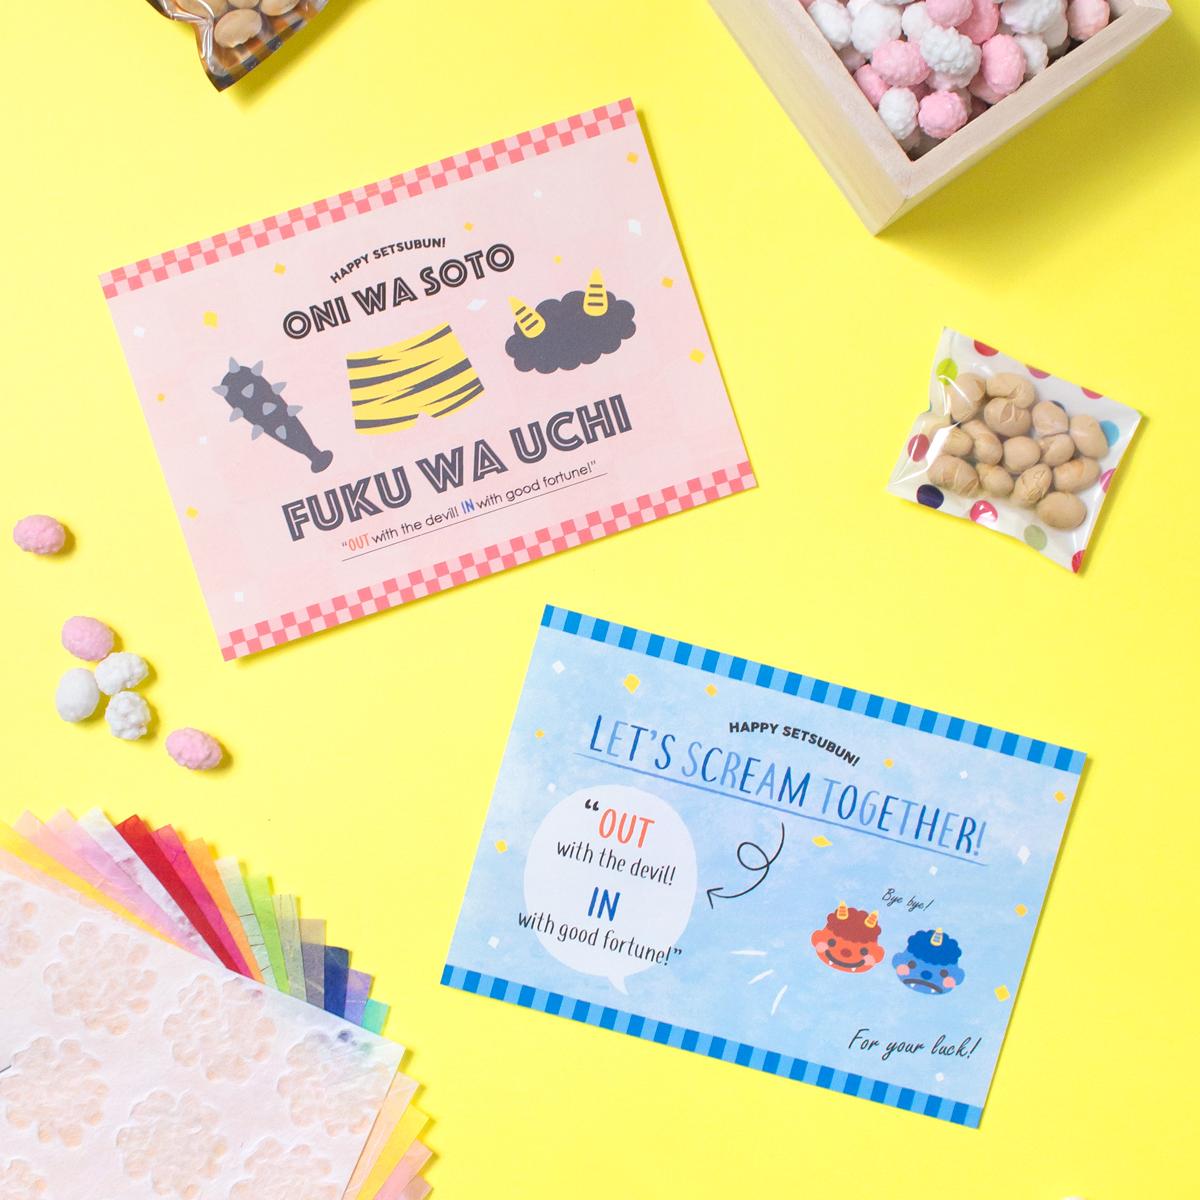 <center>「鬼は外! 福は内!」は英語で? 節分イラストポストカード配布(無料素材)<br><small>Free Setsubun Post Card</small></center>